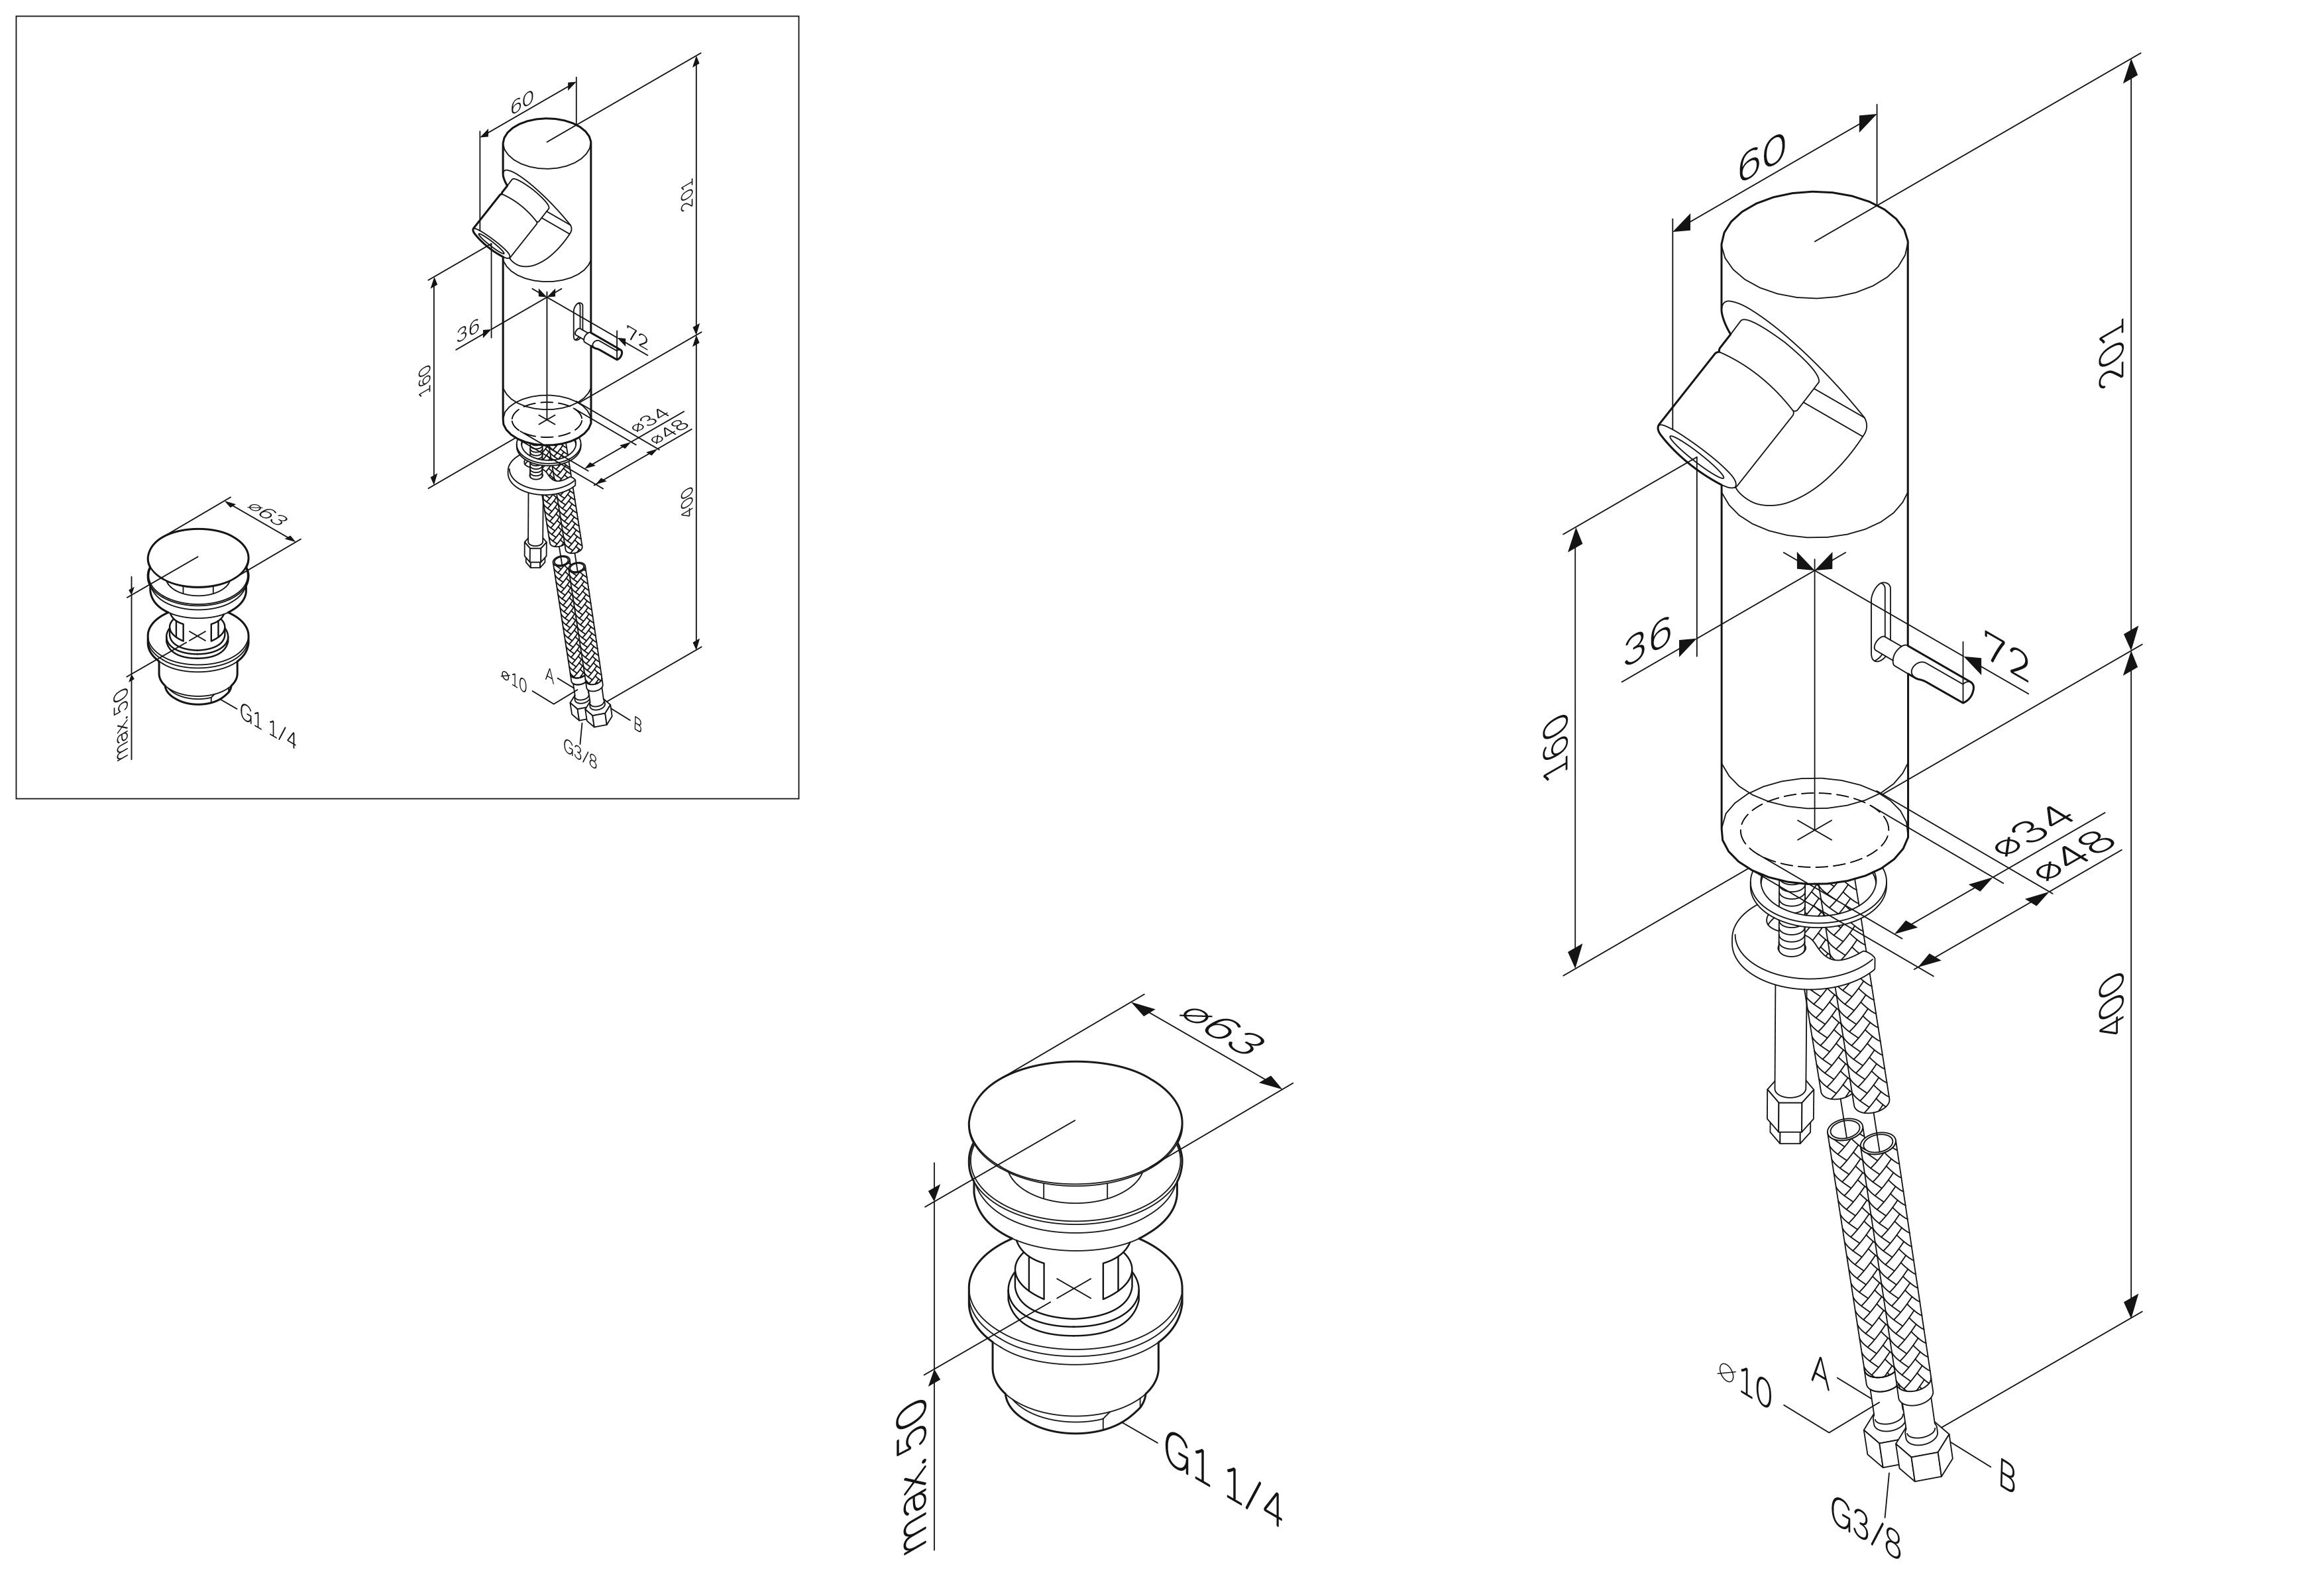 F108310B Admire, смеситель д/биде с д/к, излив 36 мм, хром, шт